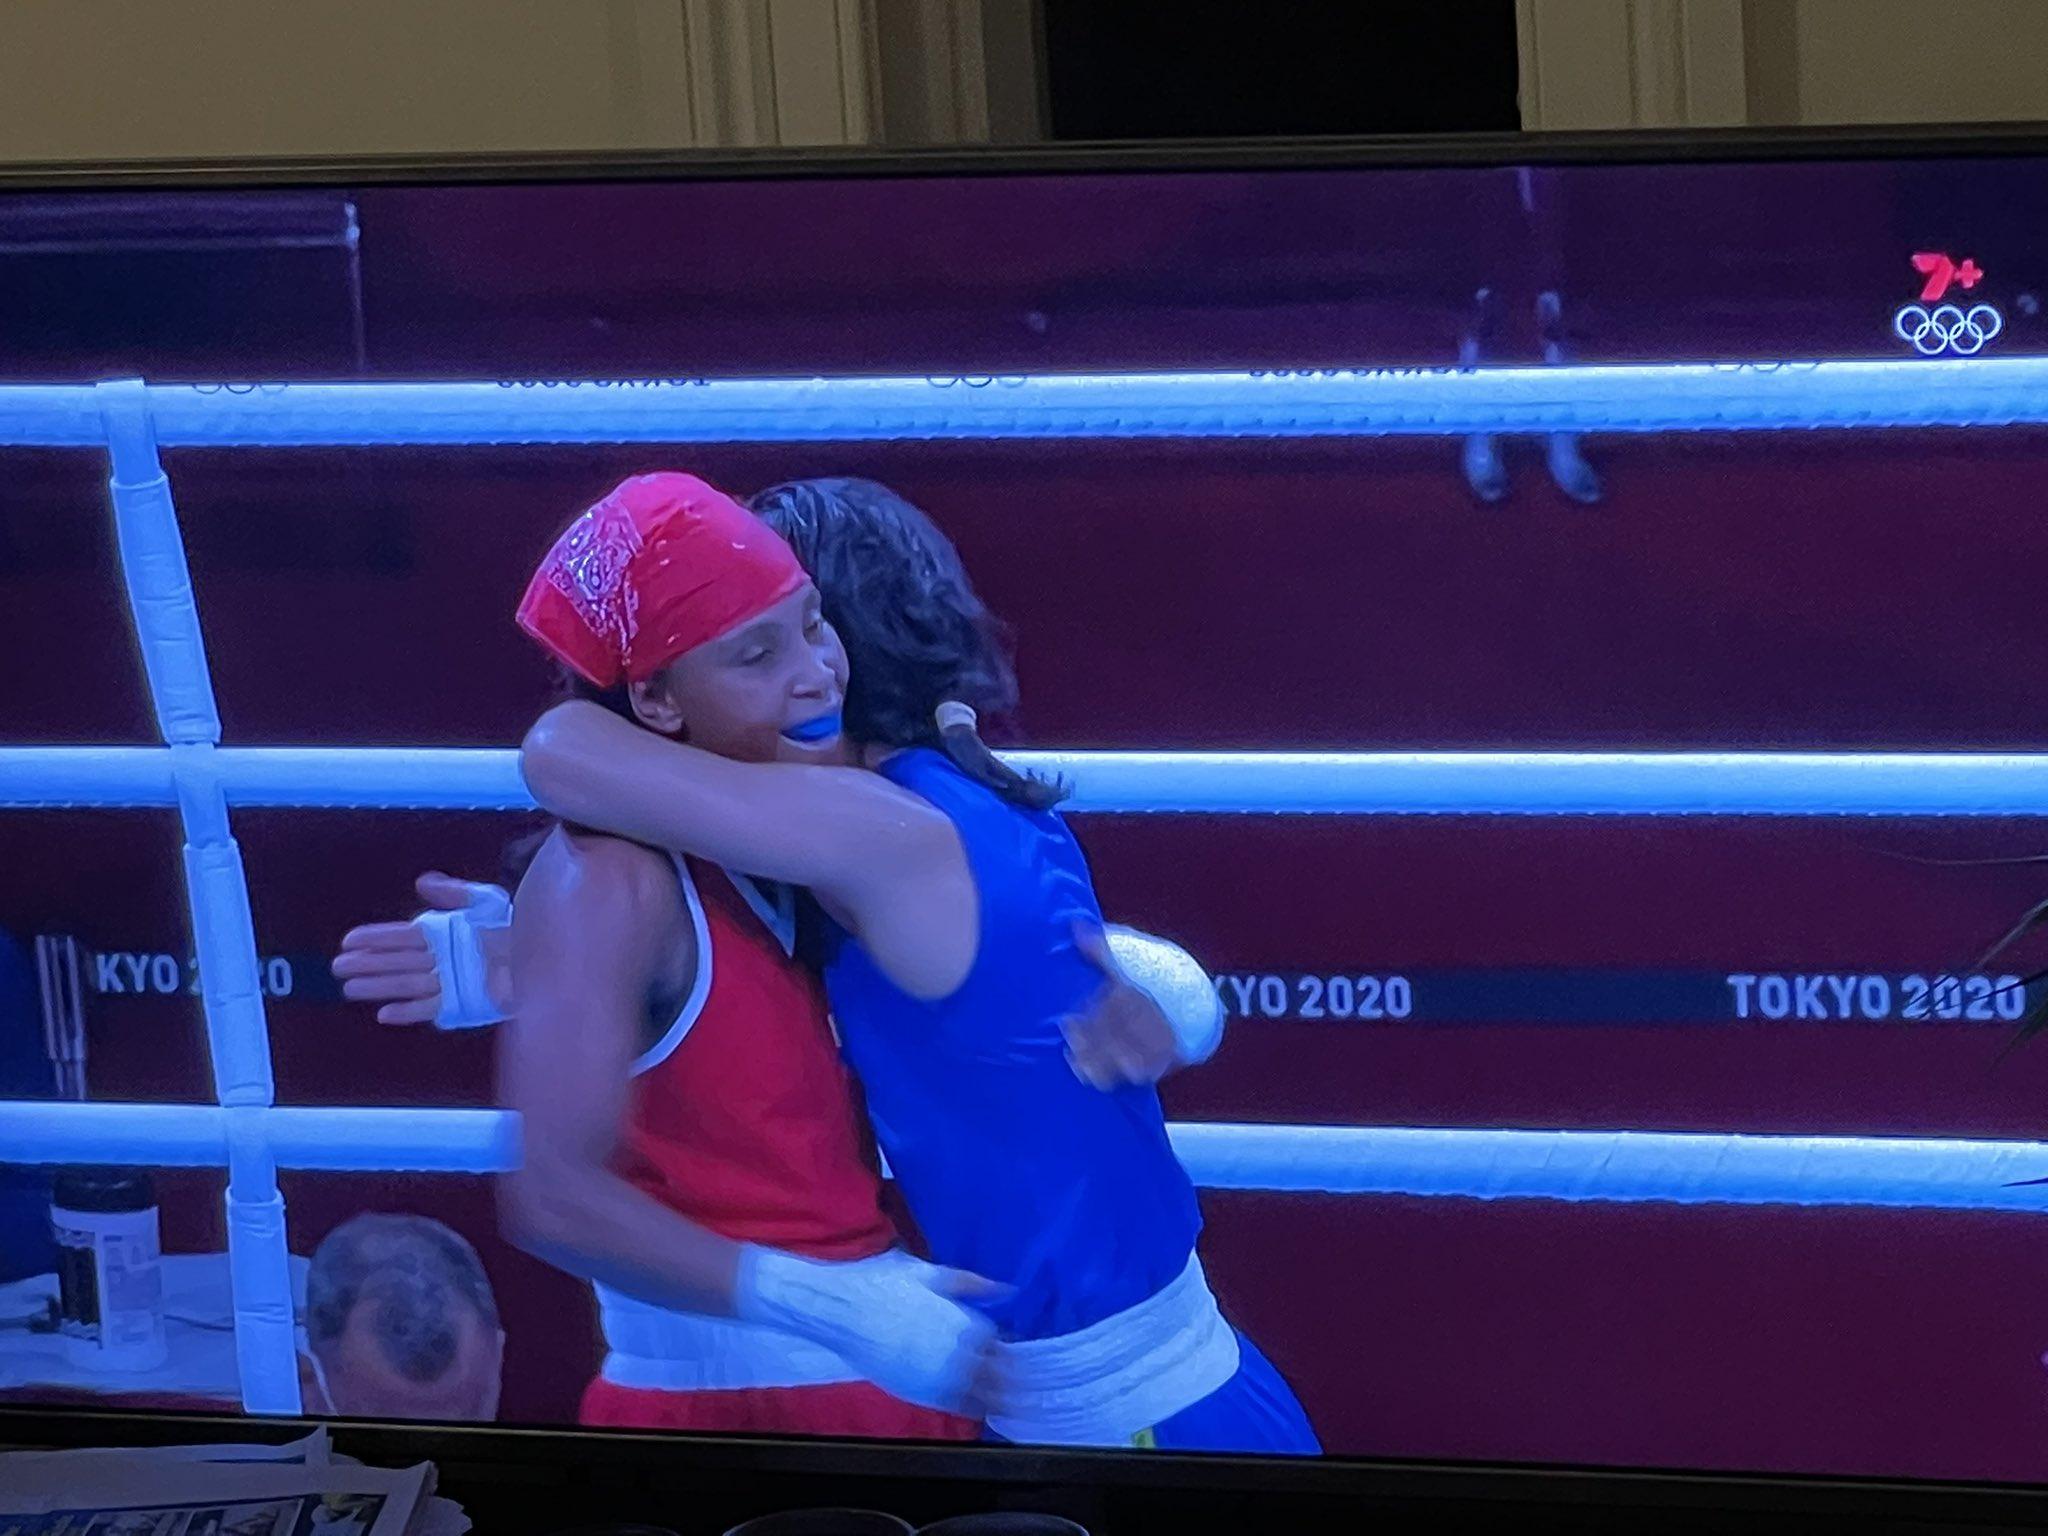 कोलंबियाई बॉक्सर ने मेरीकॉम को गले से लगा लिया।